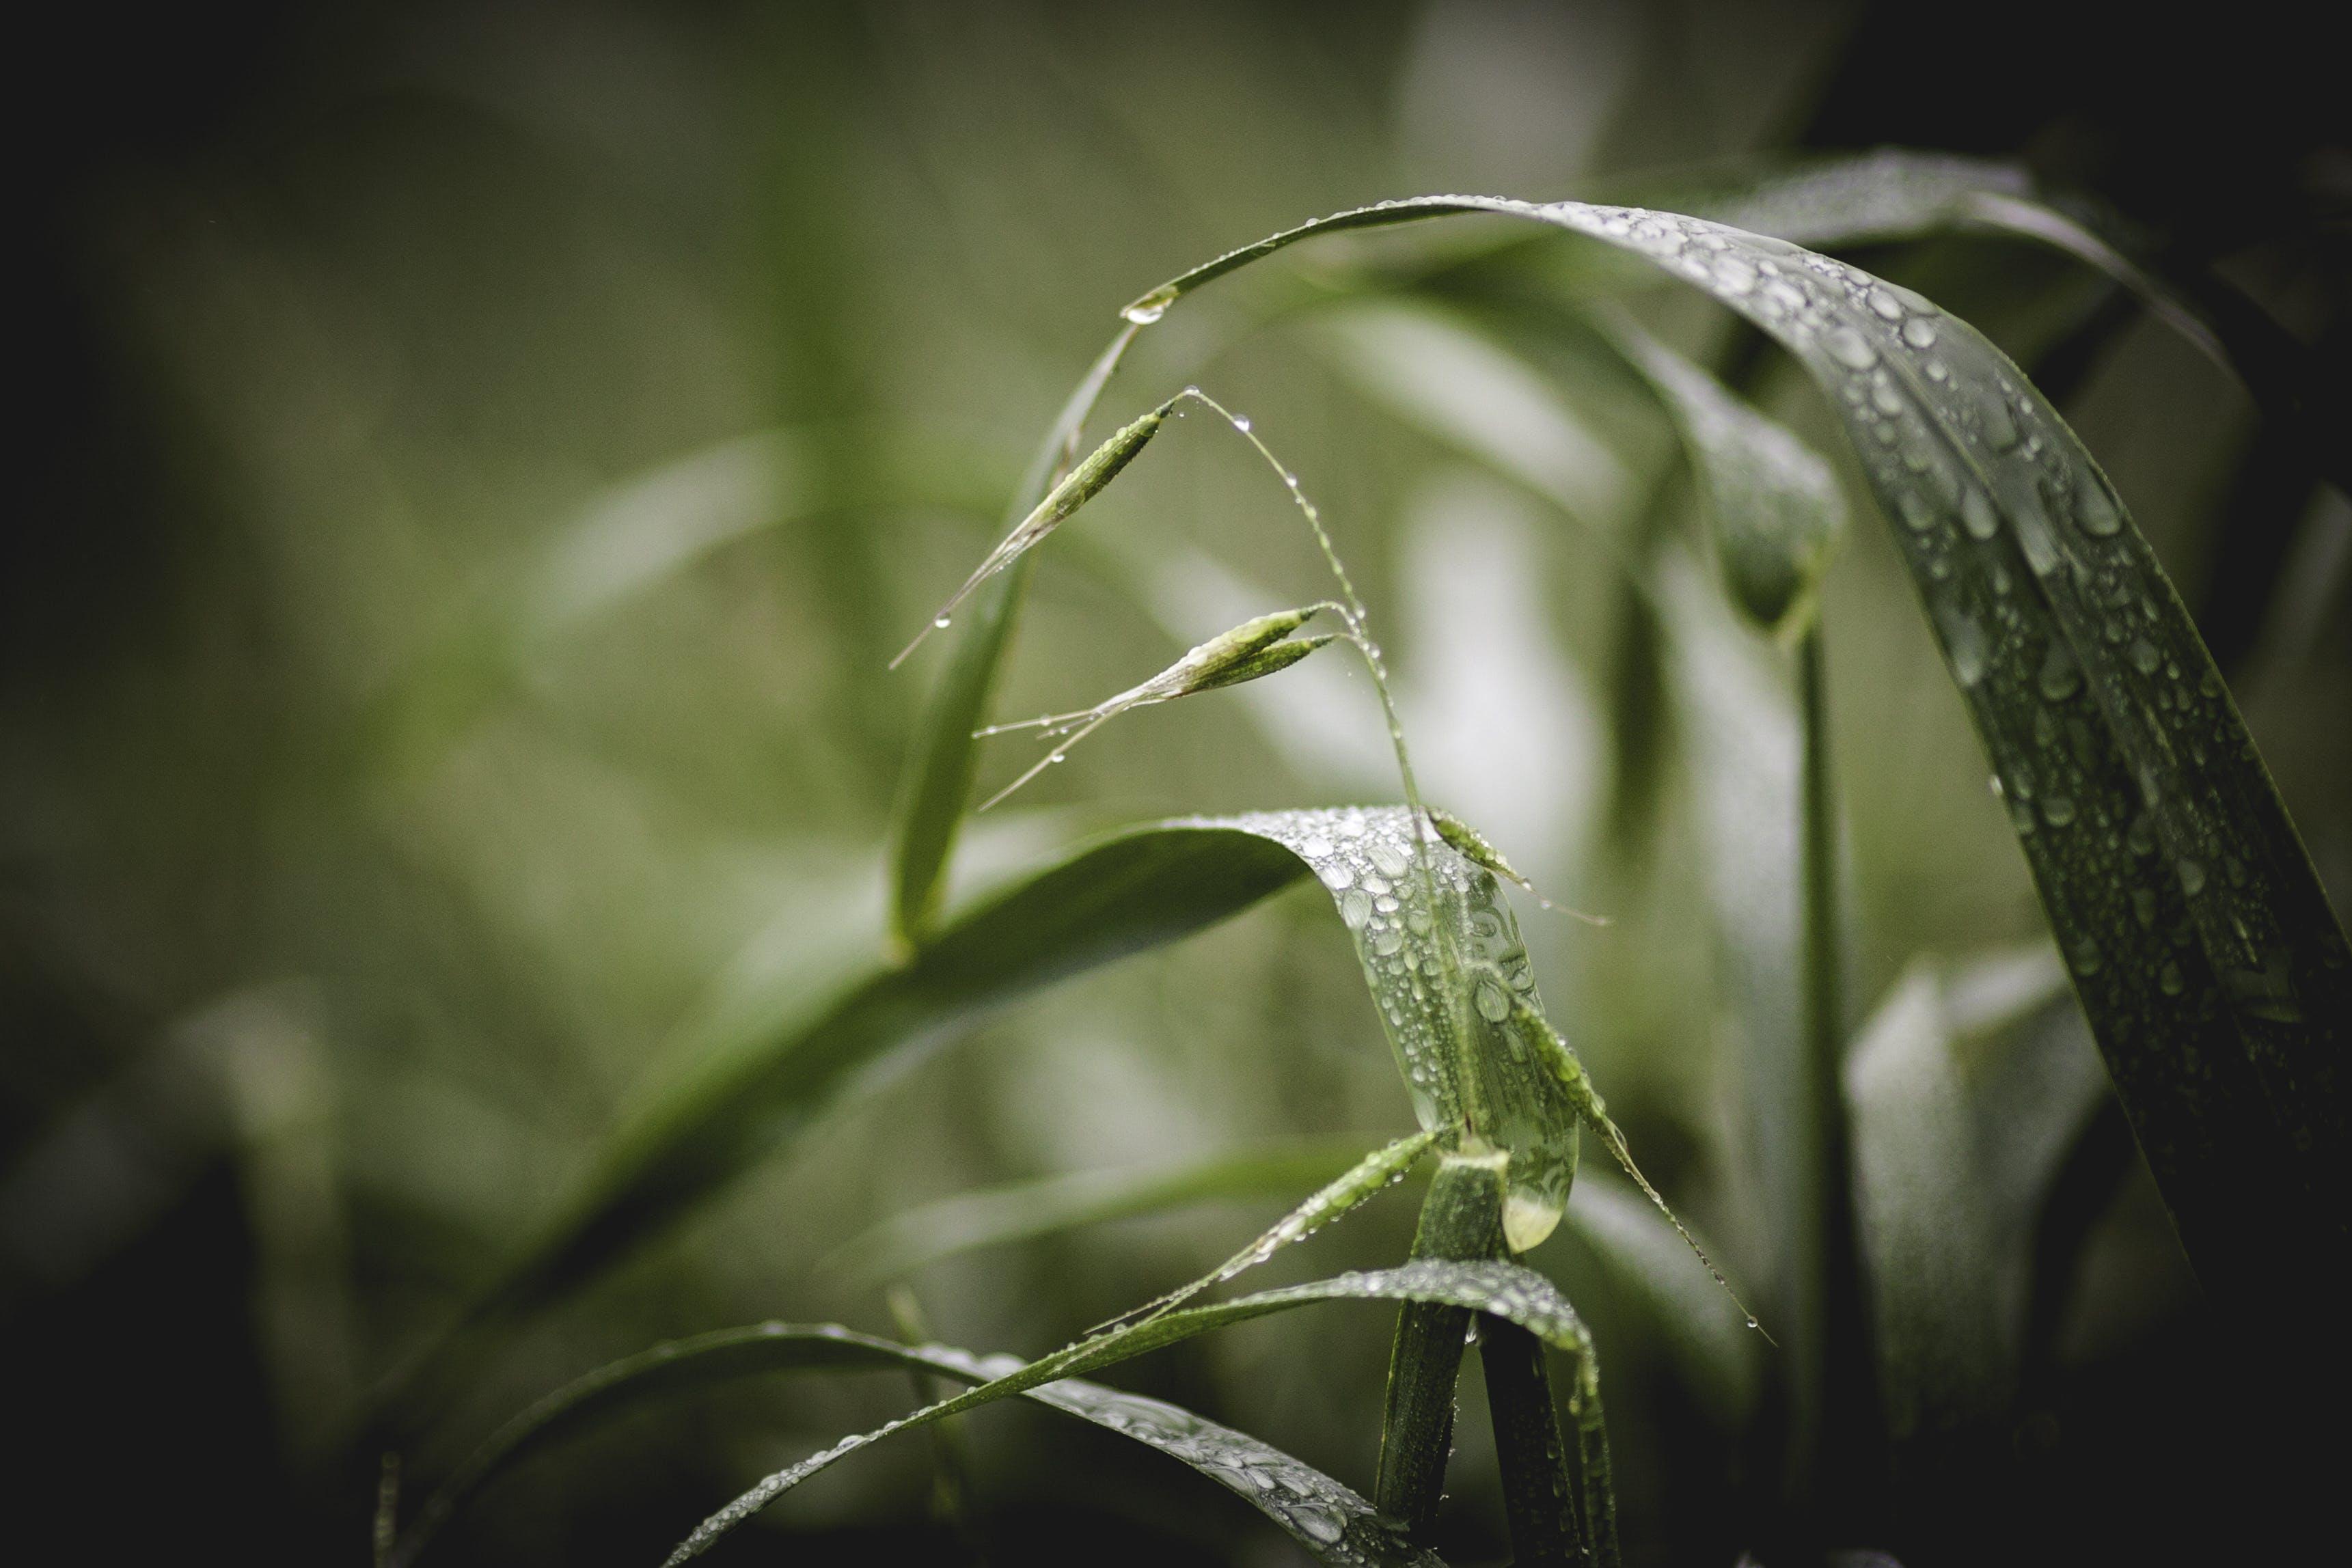 Gratis arkivbilde med dugg, dybdeskarphet, gress, grønn